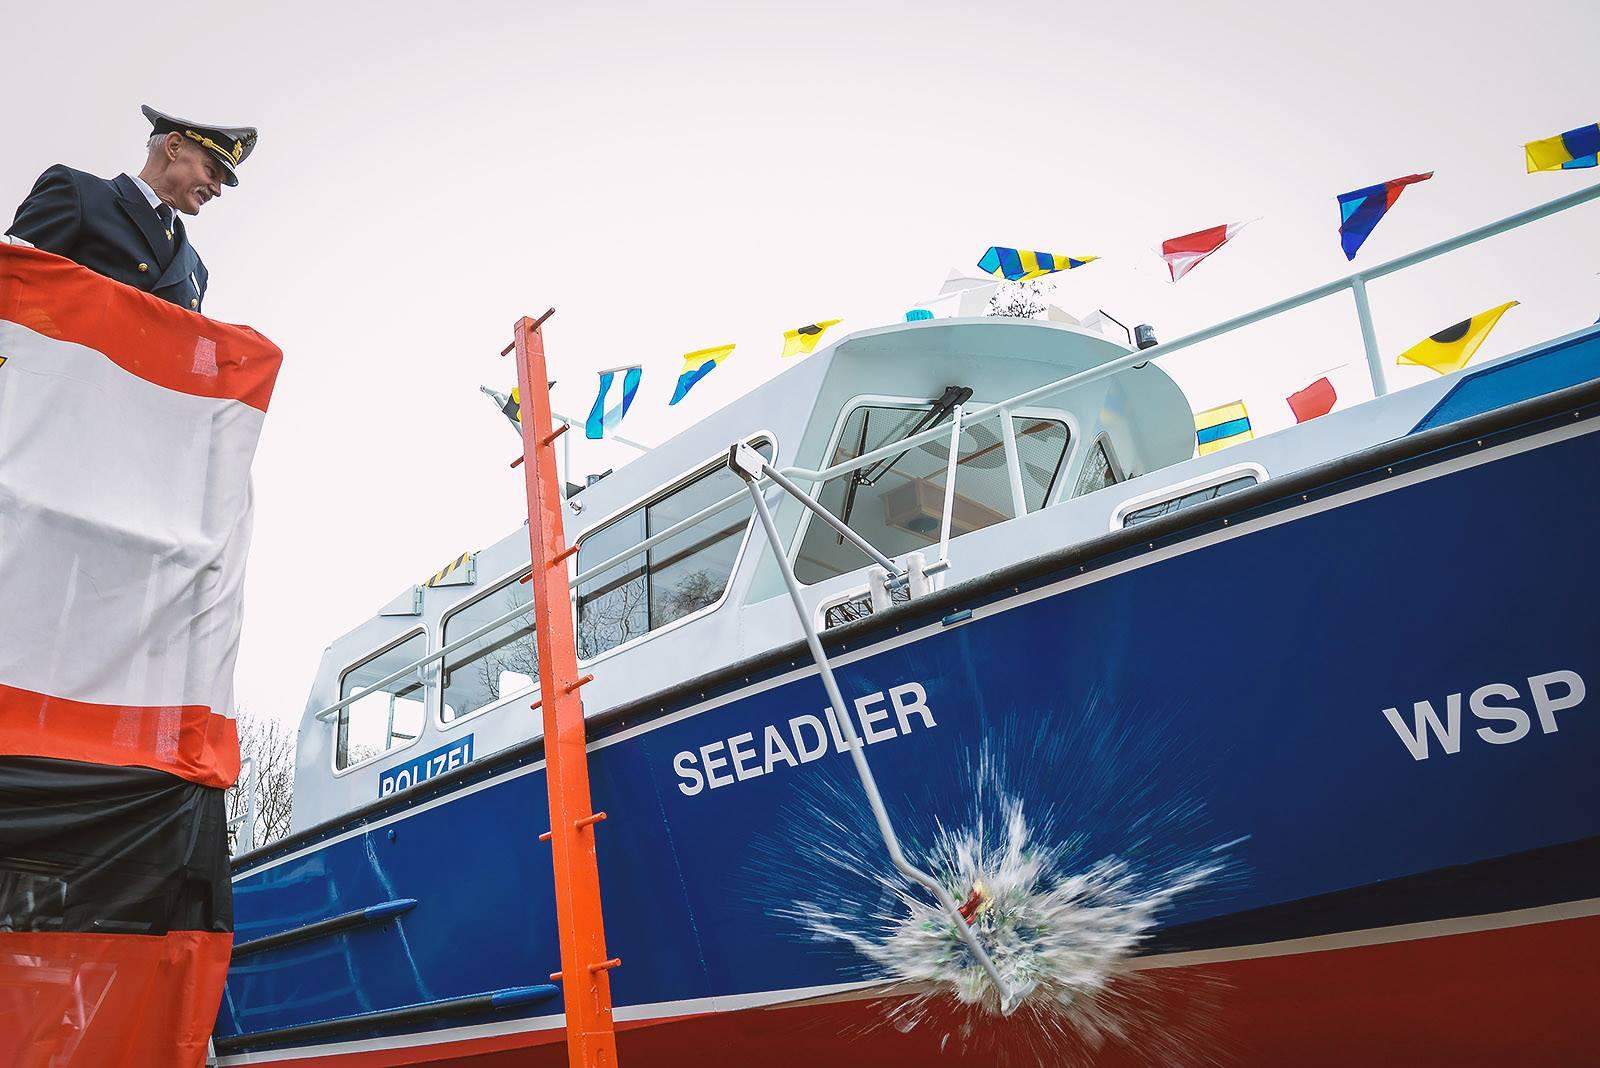 Die Schiffstaufe der Seeadler im Dezmeber 2015 | Foto: © Tomas Moll